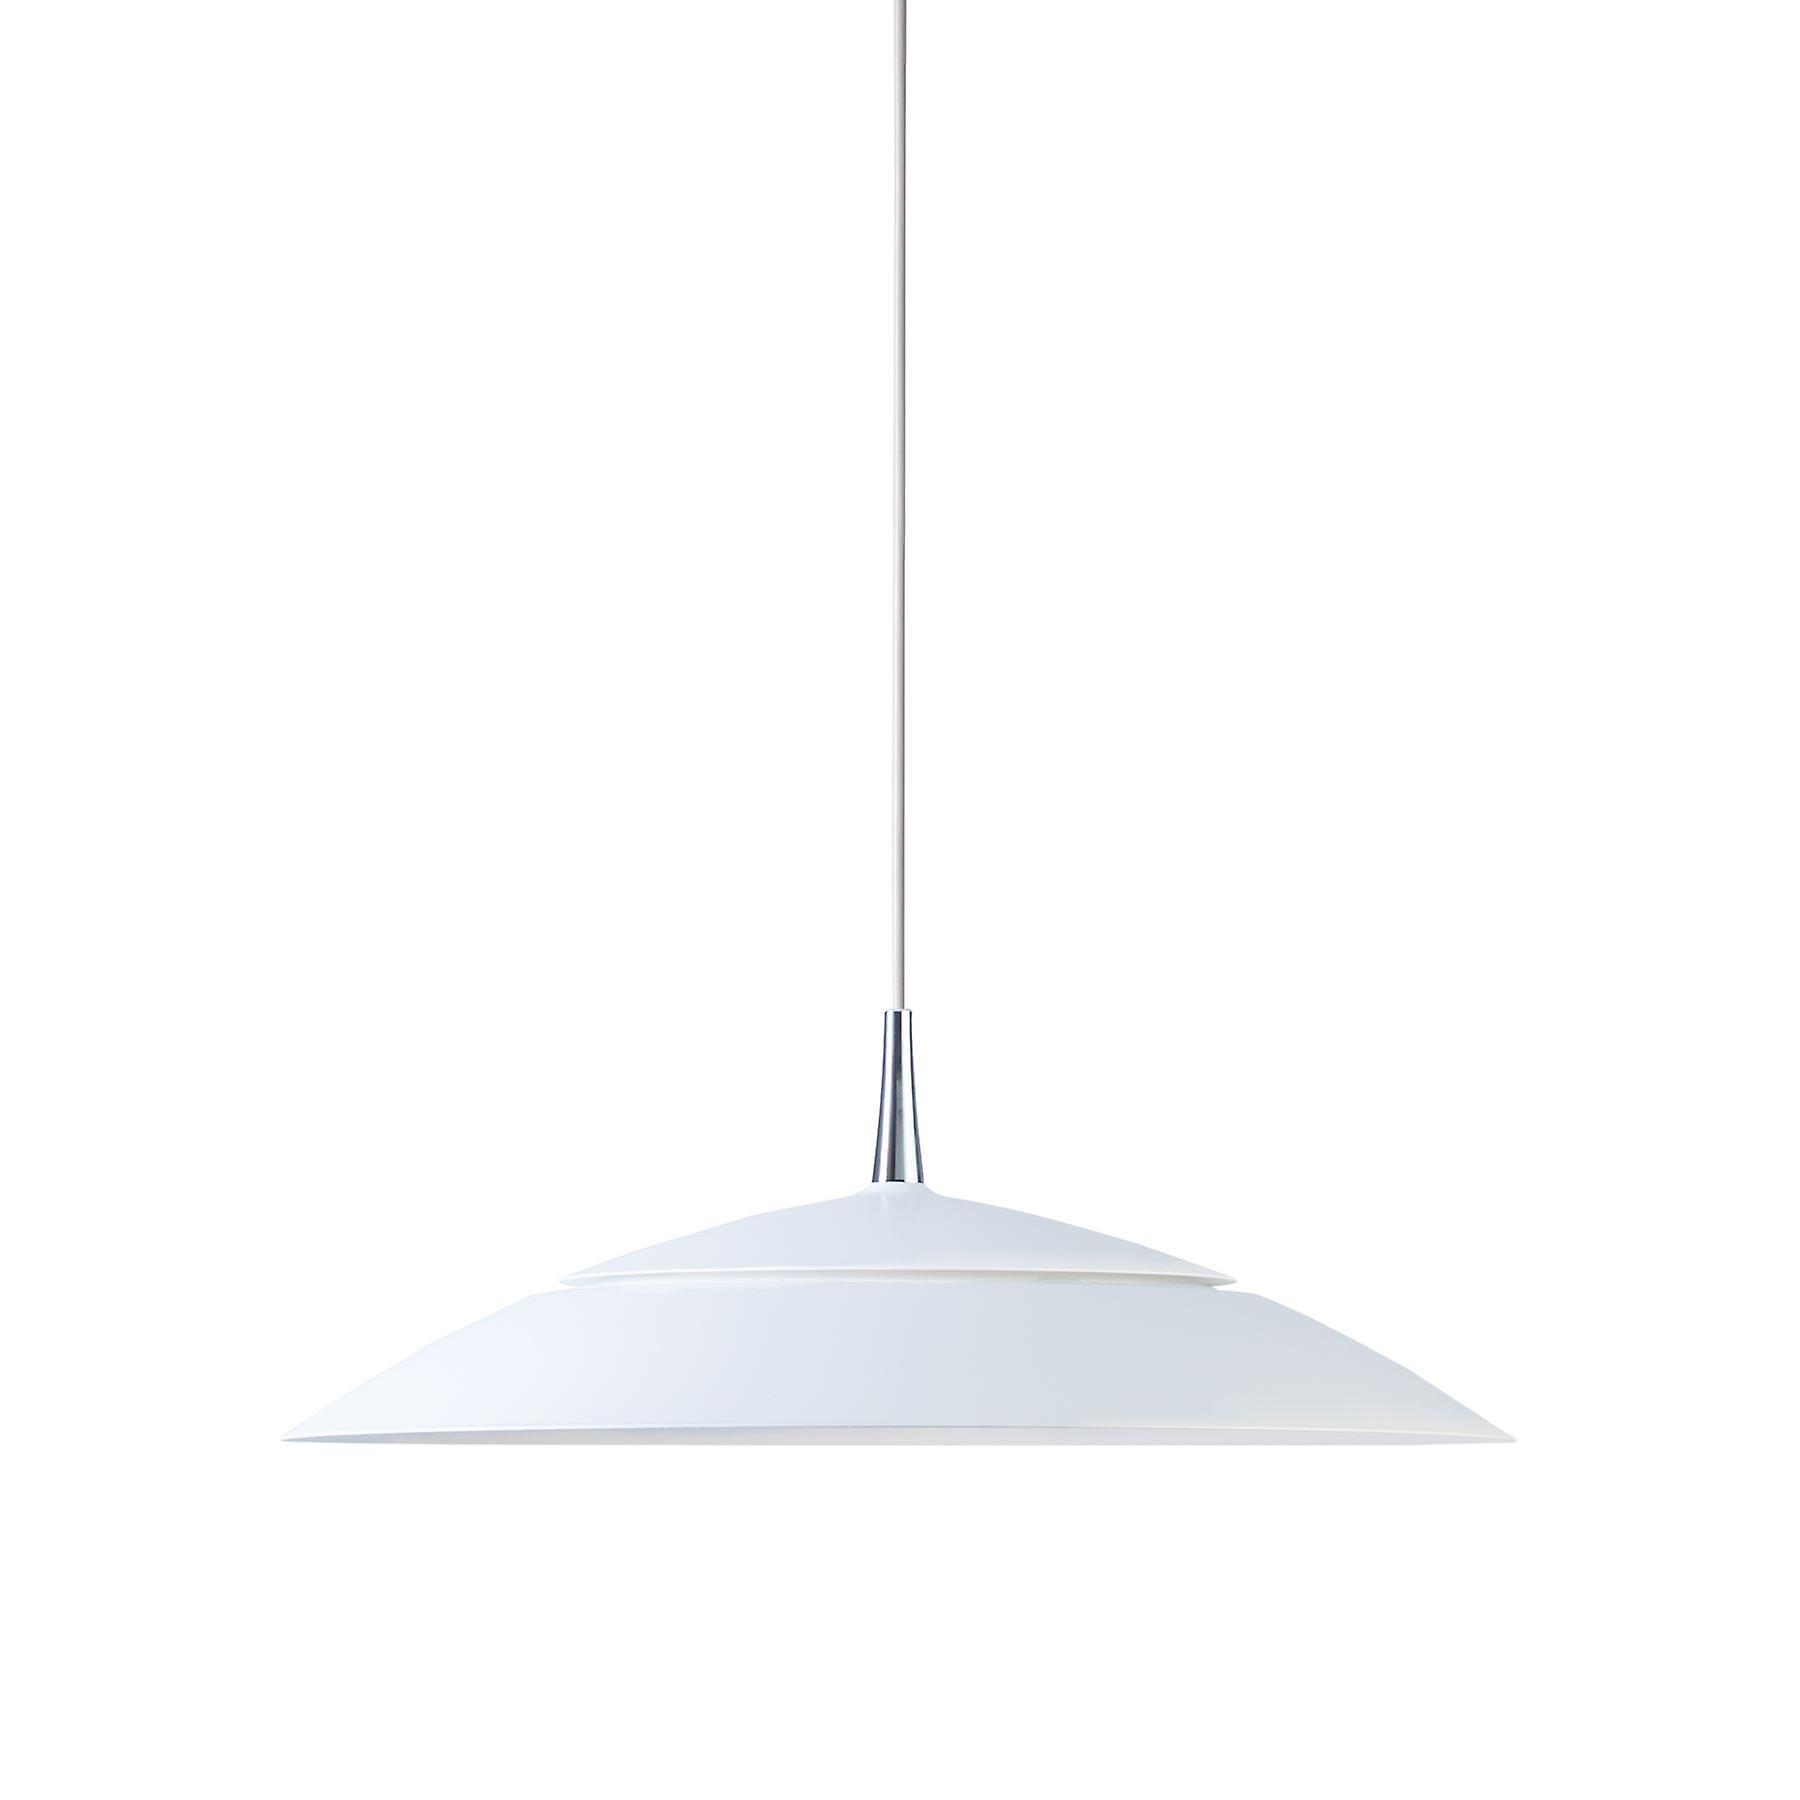 Belid - Viper LED Pendant Light blanc Finish 122736